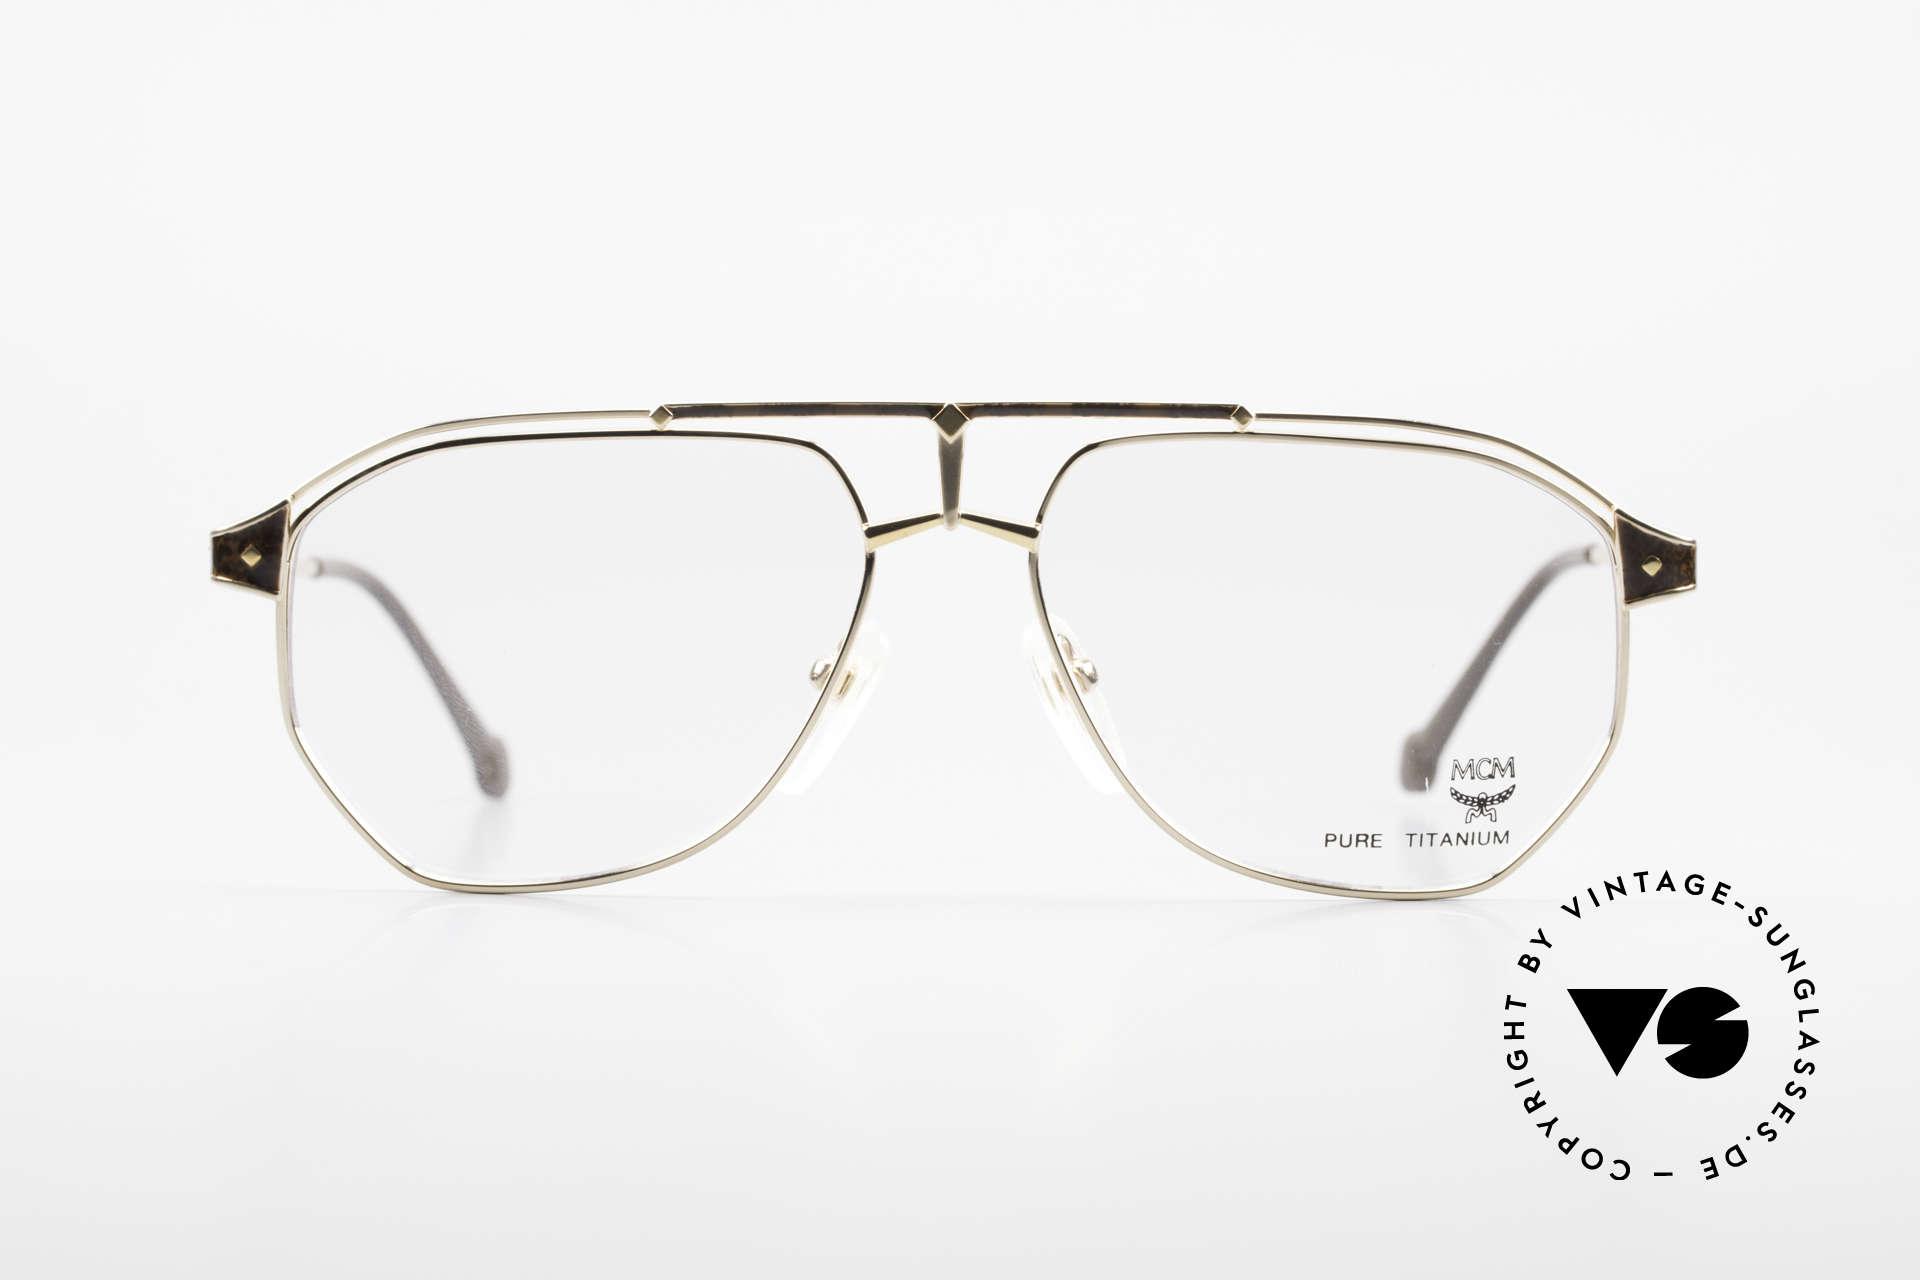 MCM München 6 XL Luxus Vintage Brille 90er, modifizierte Pilotenform in 150mm Breite = XXL, Passend für Herren